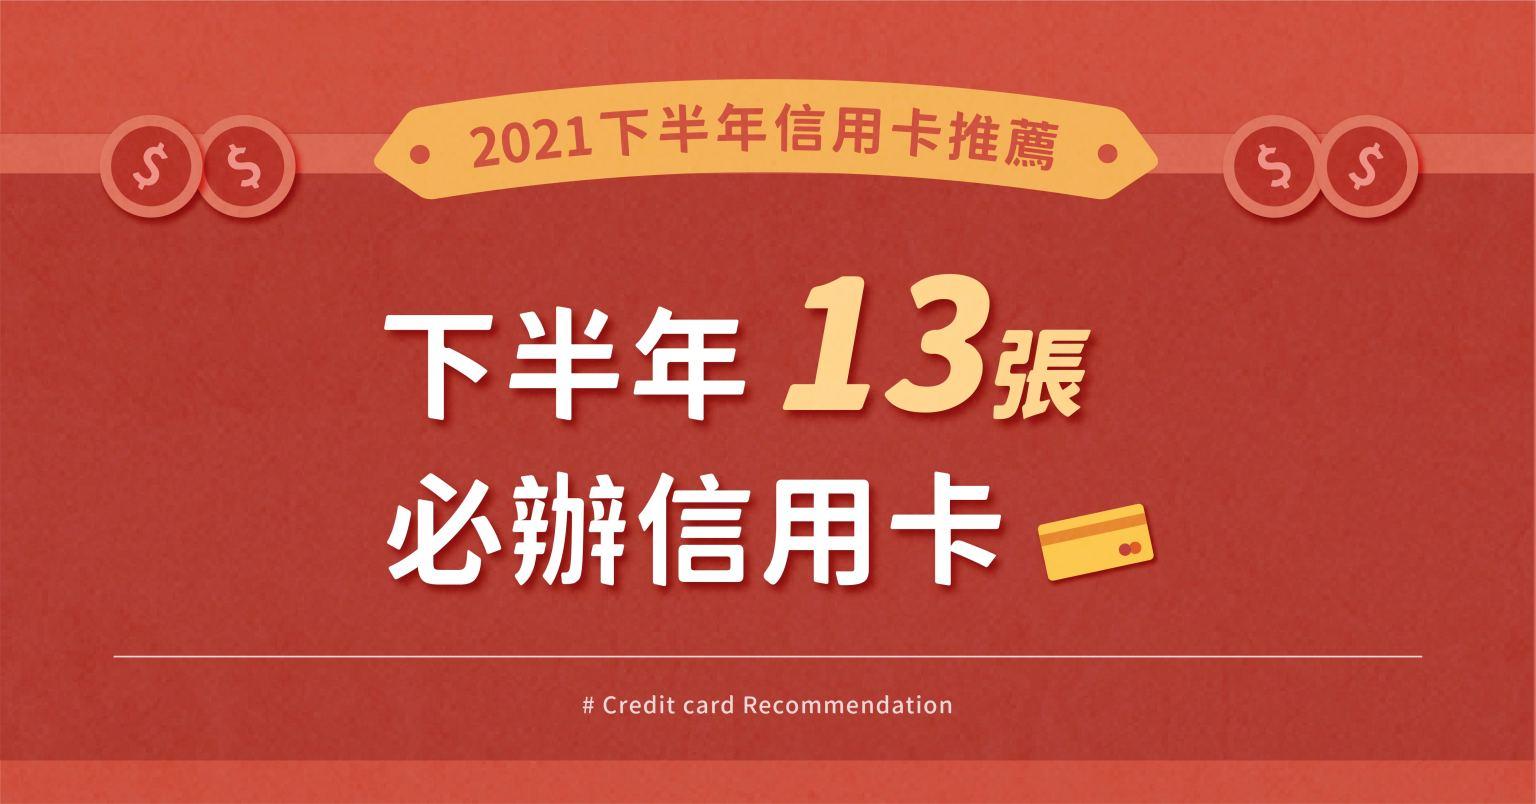 【懶人包】2021下半年信用卡推薦,精選13張必辦神卡